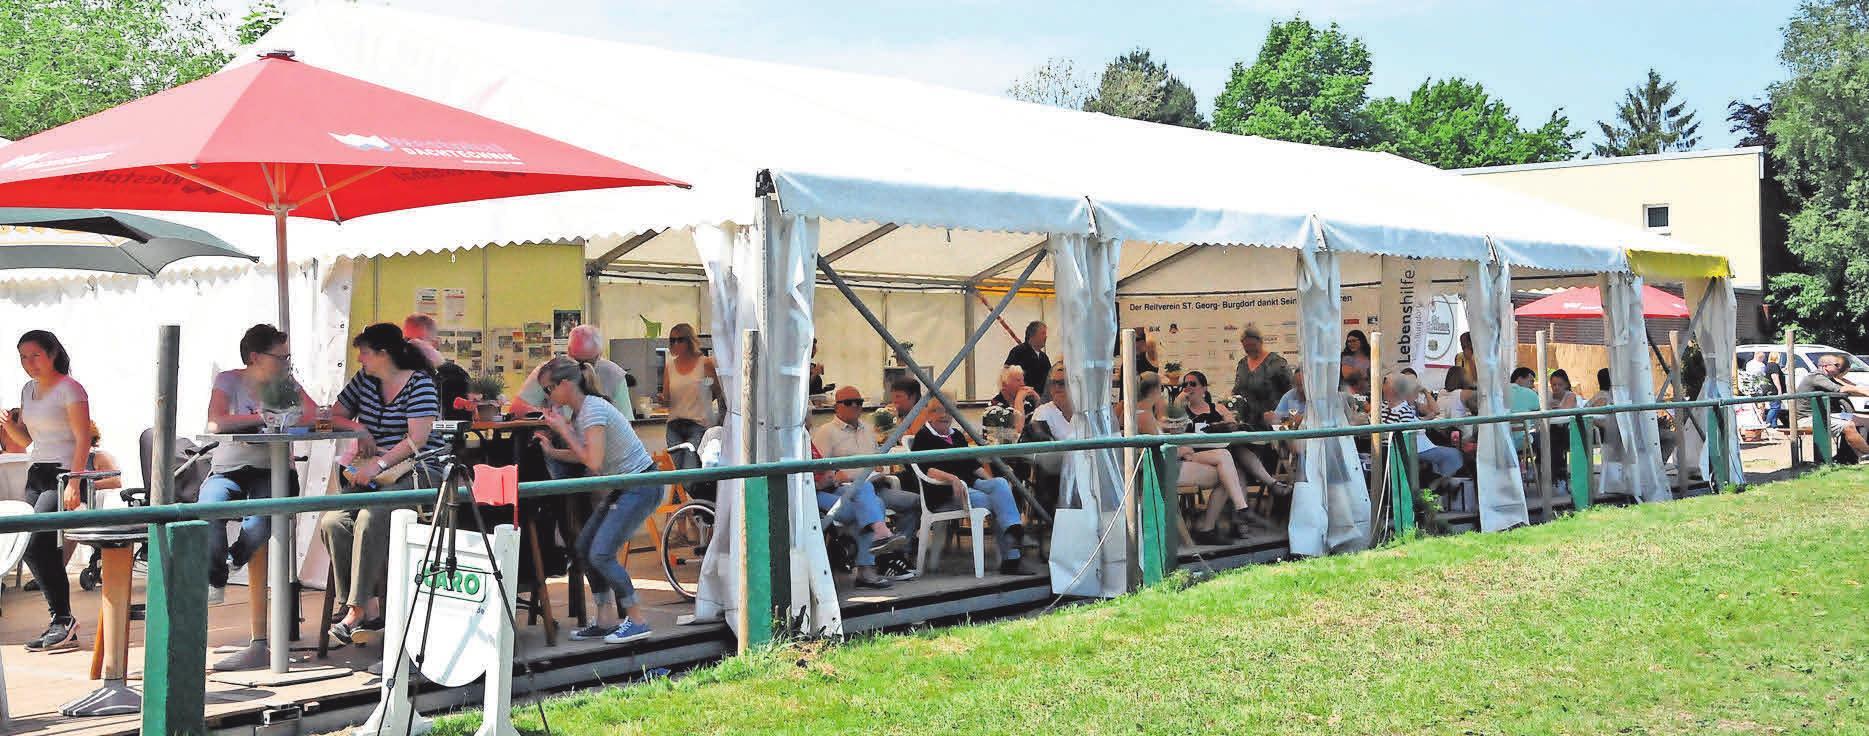 In den Zelten können sich die Besucher mit Getränken, Gegrilltem, Kaffee und Kuchen stärken